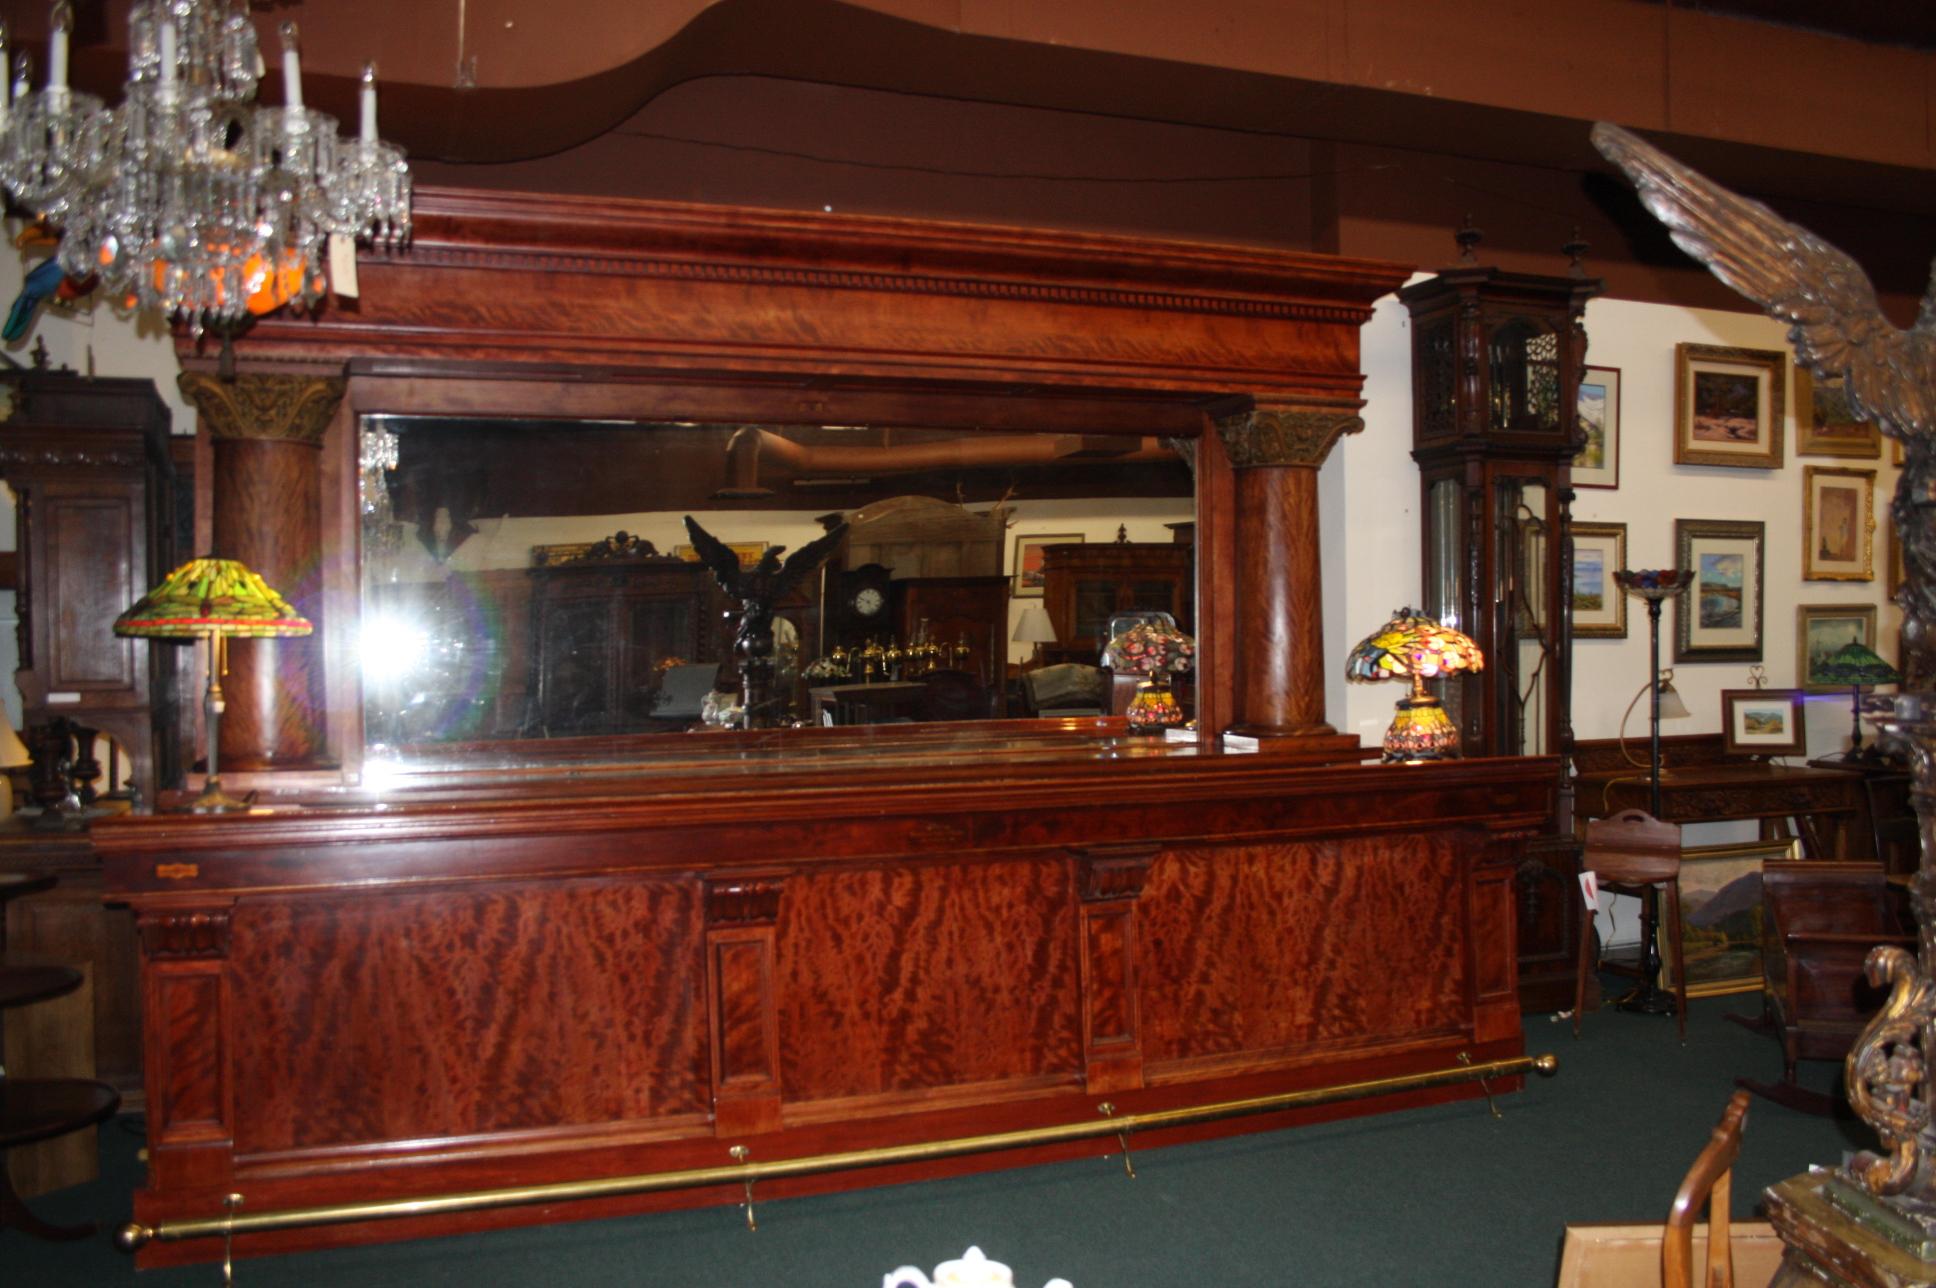 Brunswick Mahogany Bar circa 1885